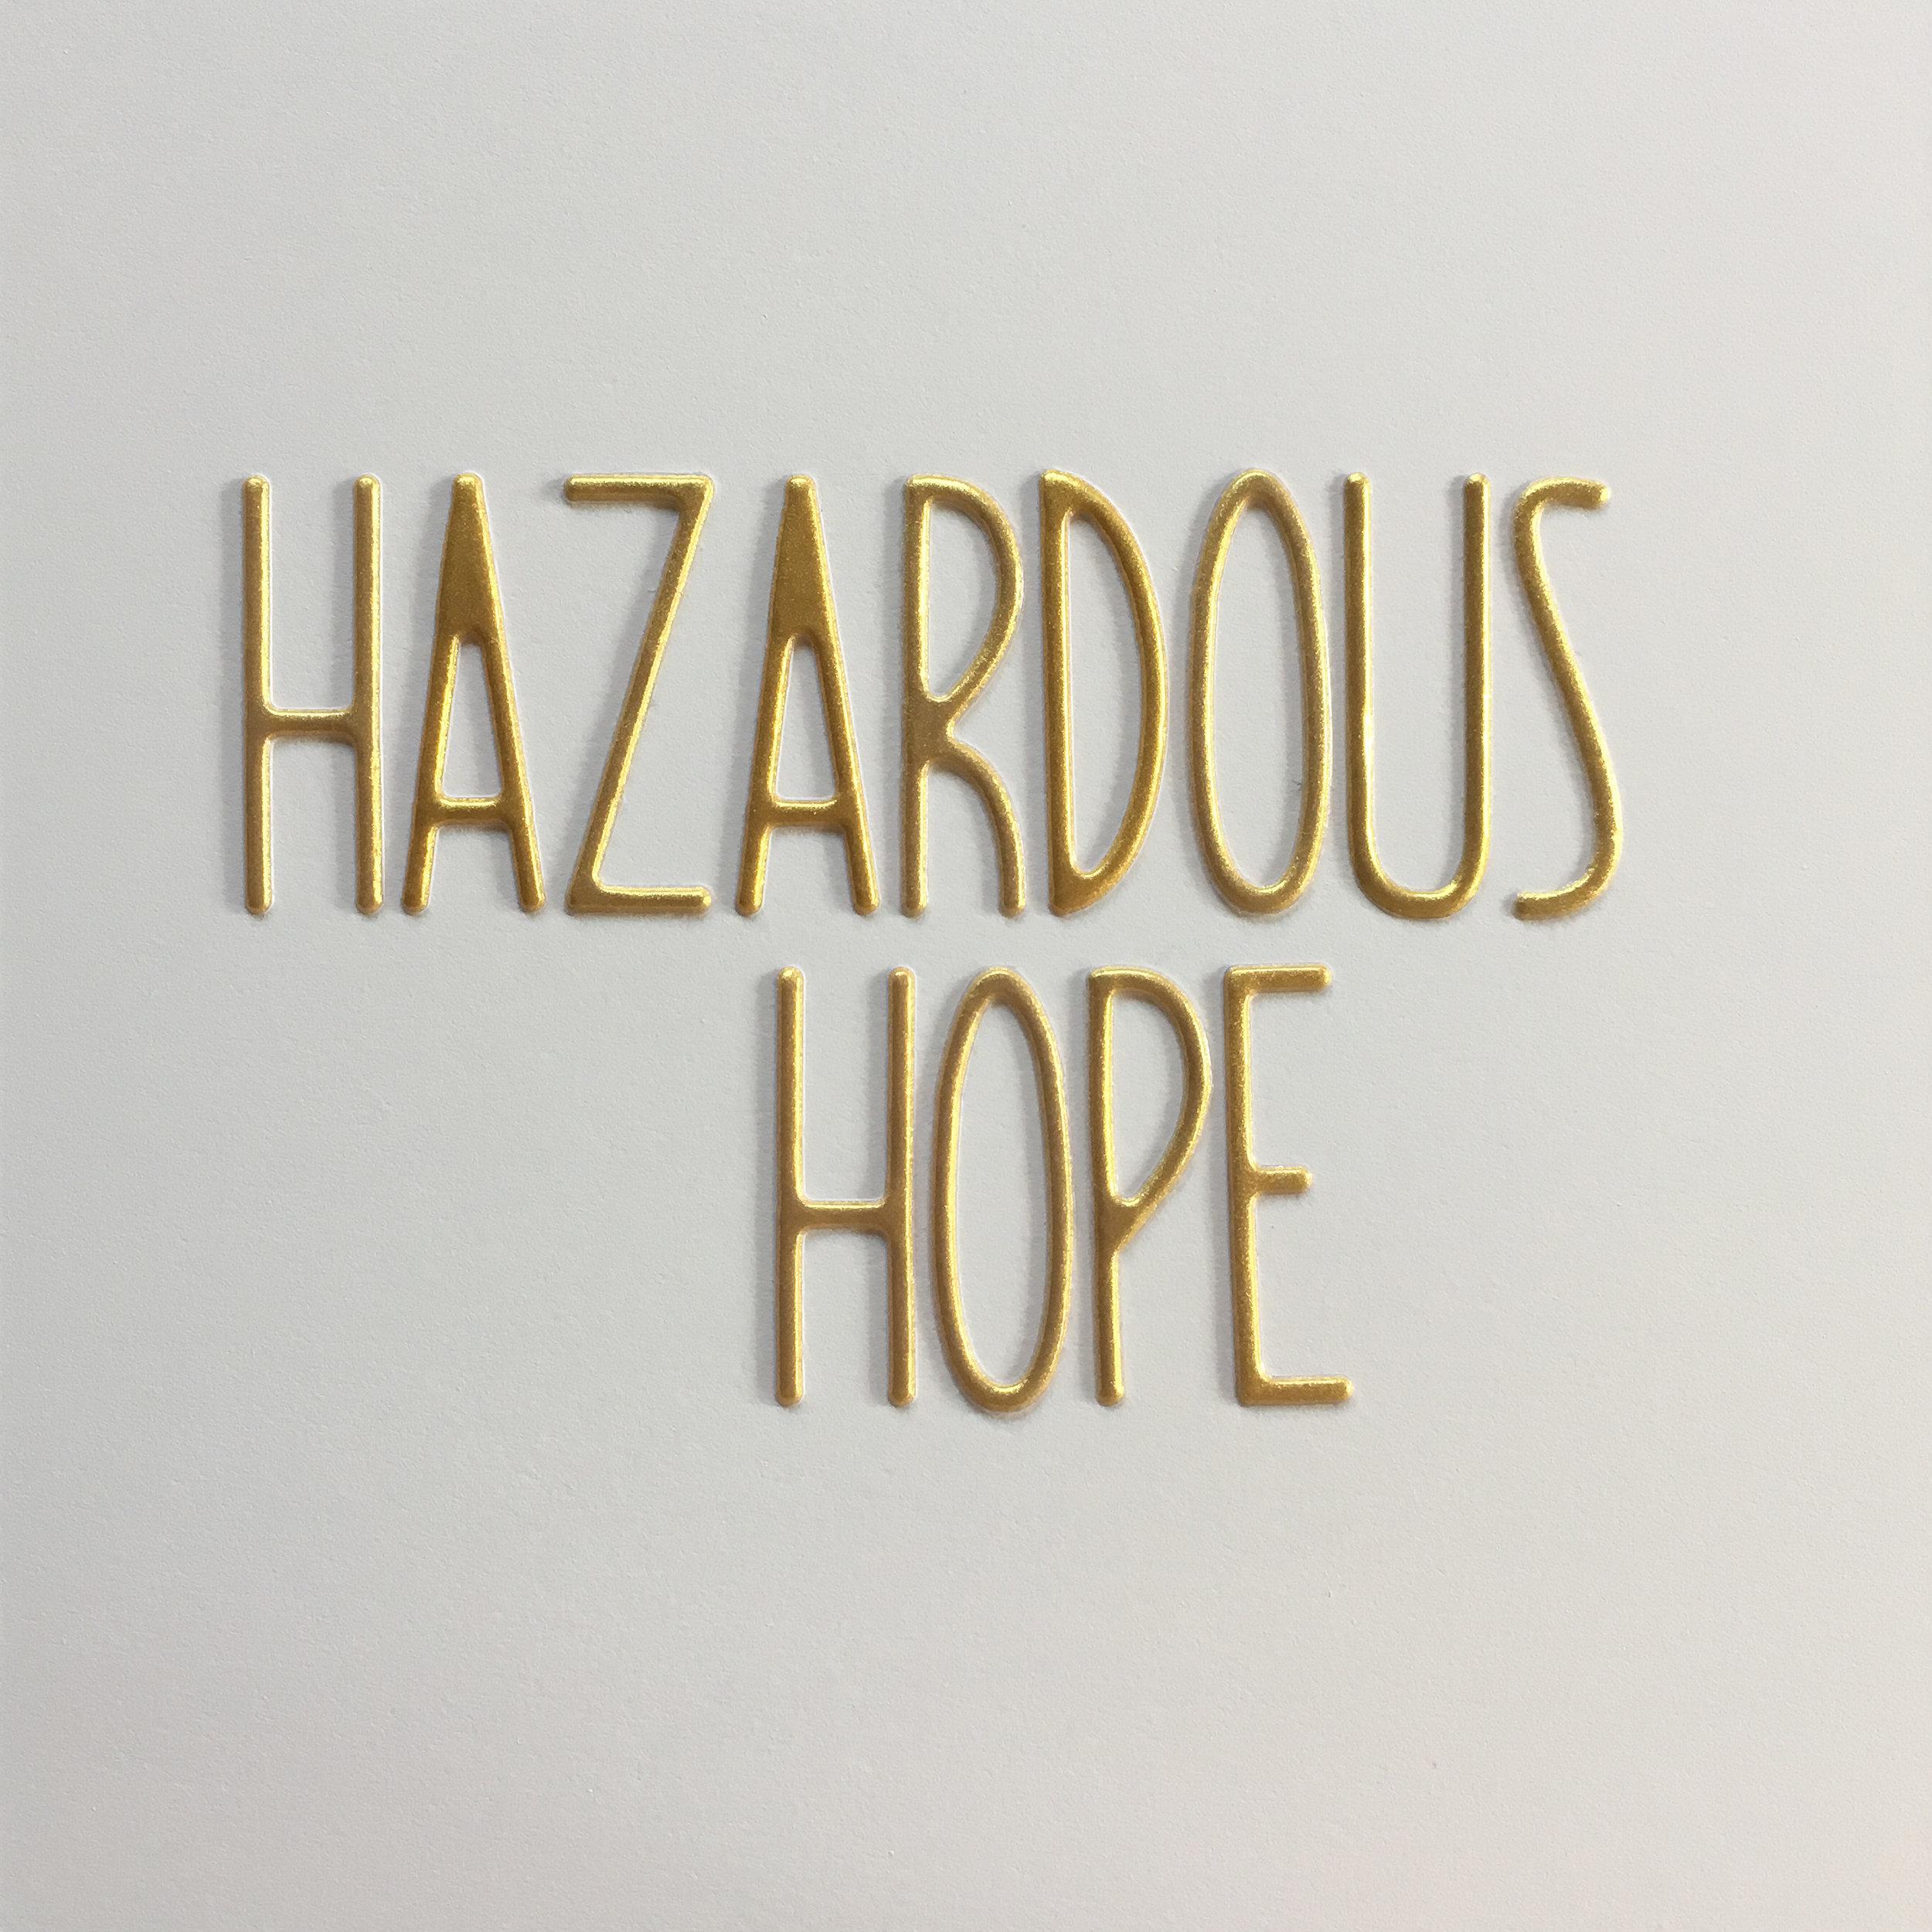 hazardous hope.jpg